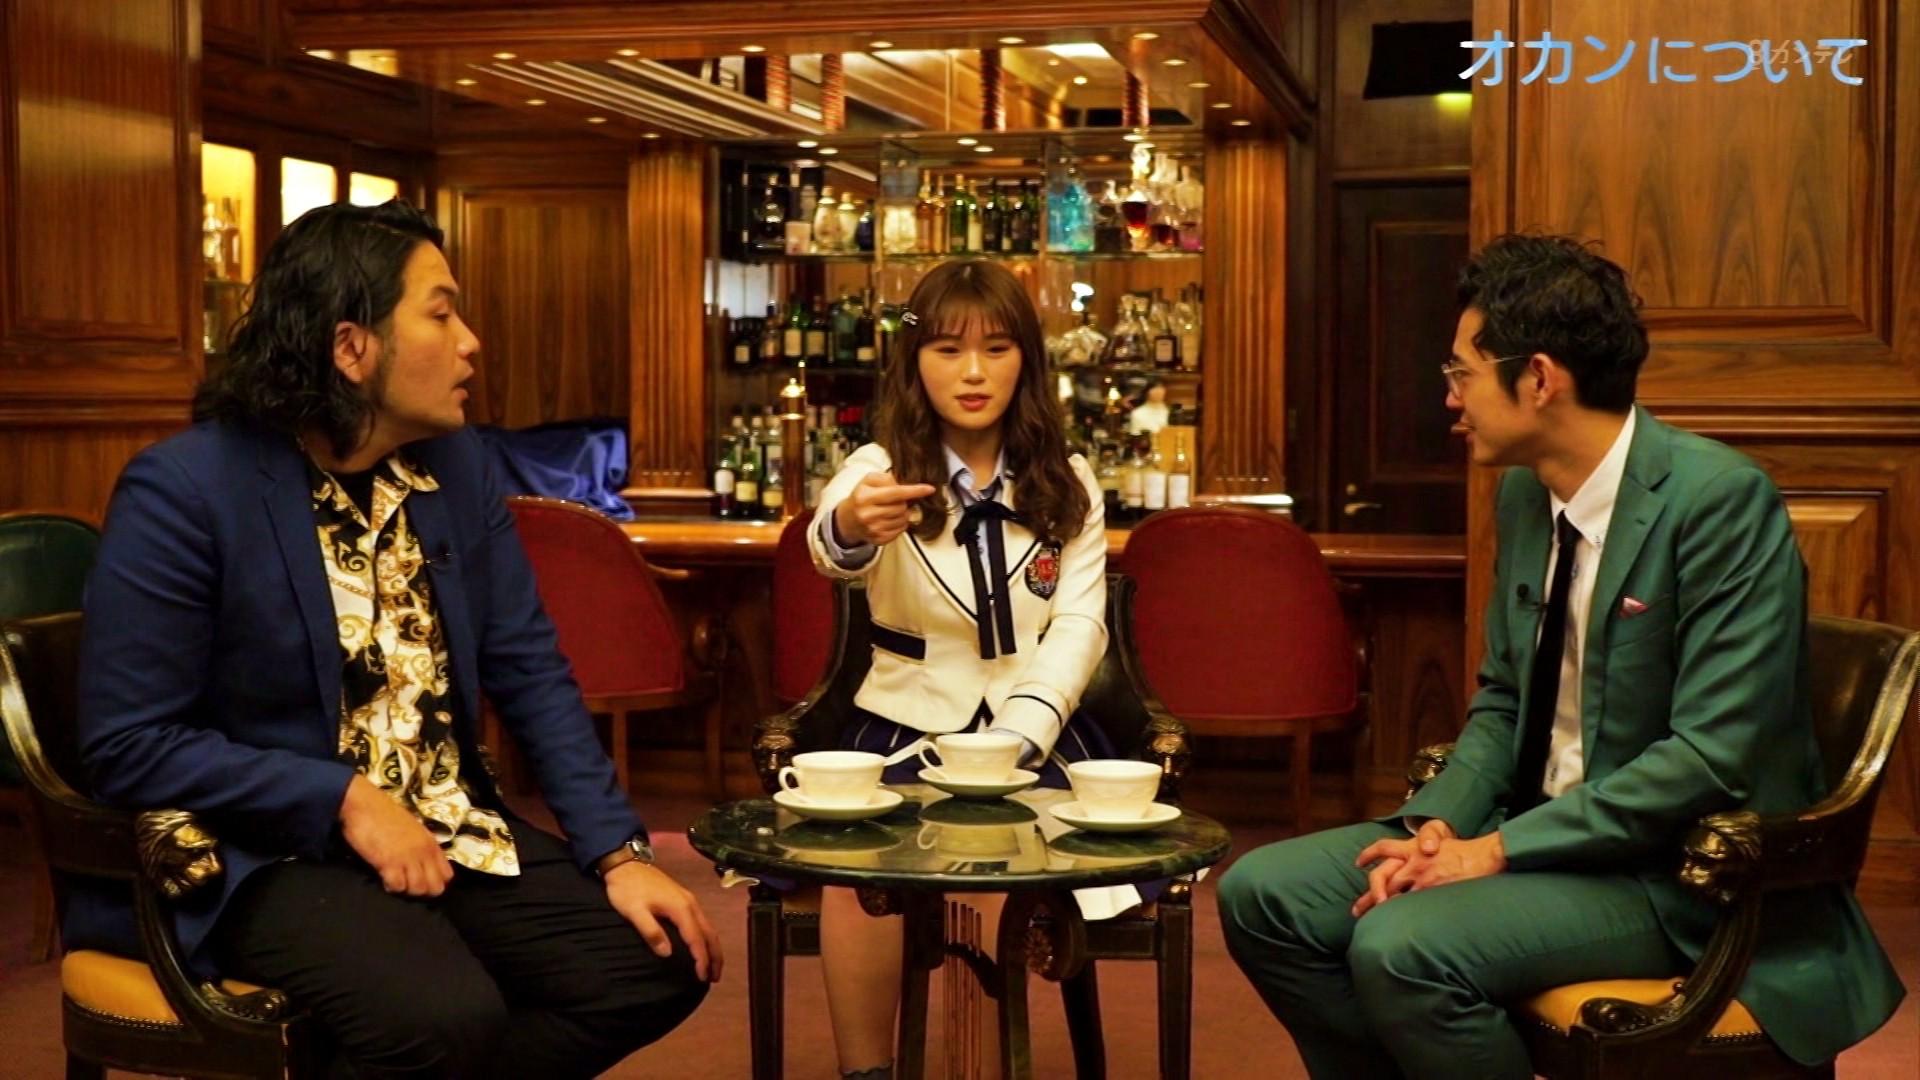 【渋谷凪咲】なぎさが出演した1月13日放送「ほっとするわ」の画像